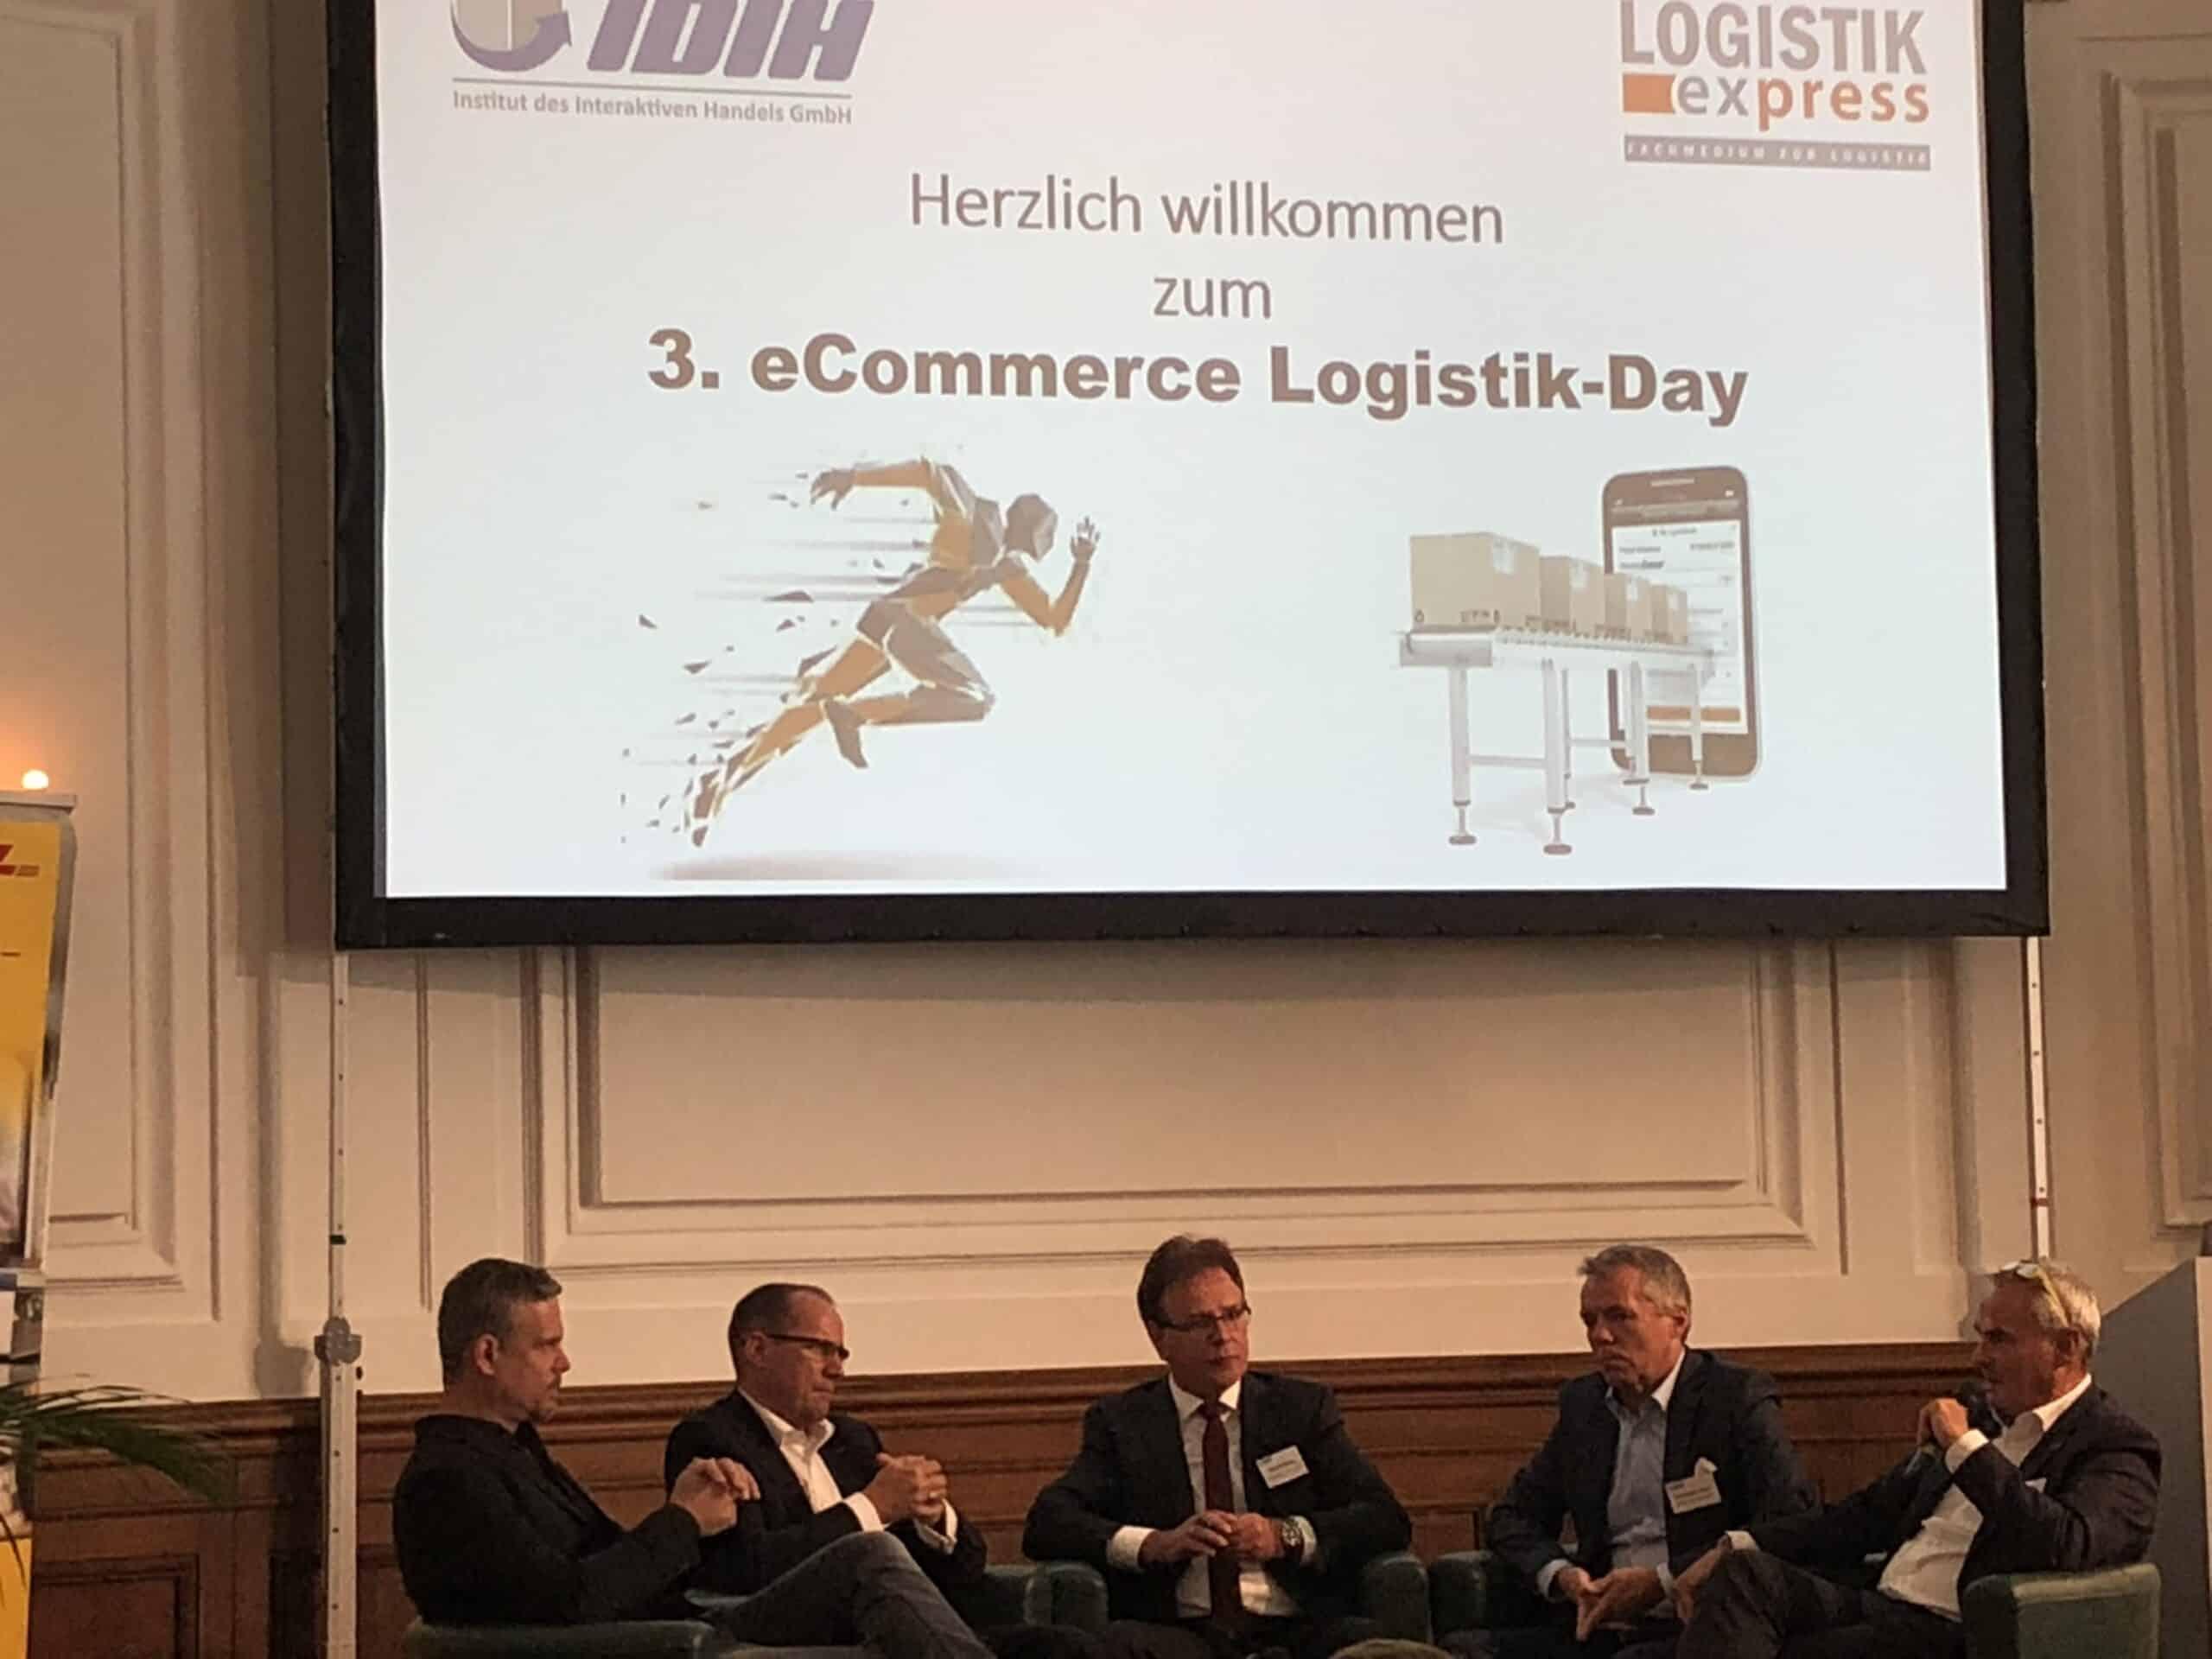 3. eCommerce Logistik-Day: Wege aus dem Dilemma